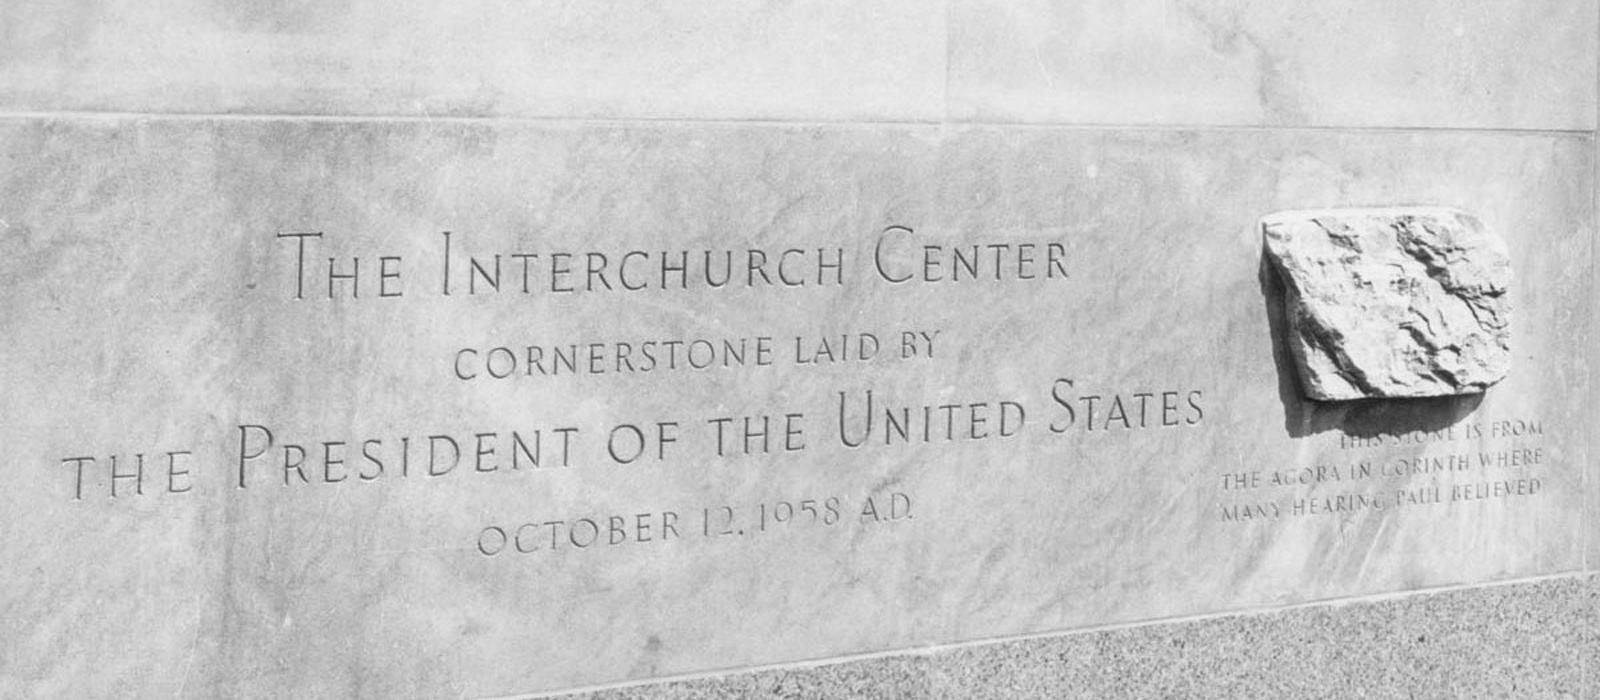 Cornerstone 1600x700